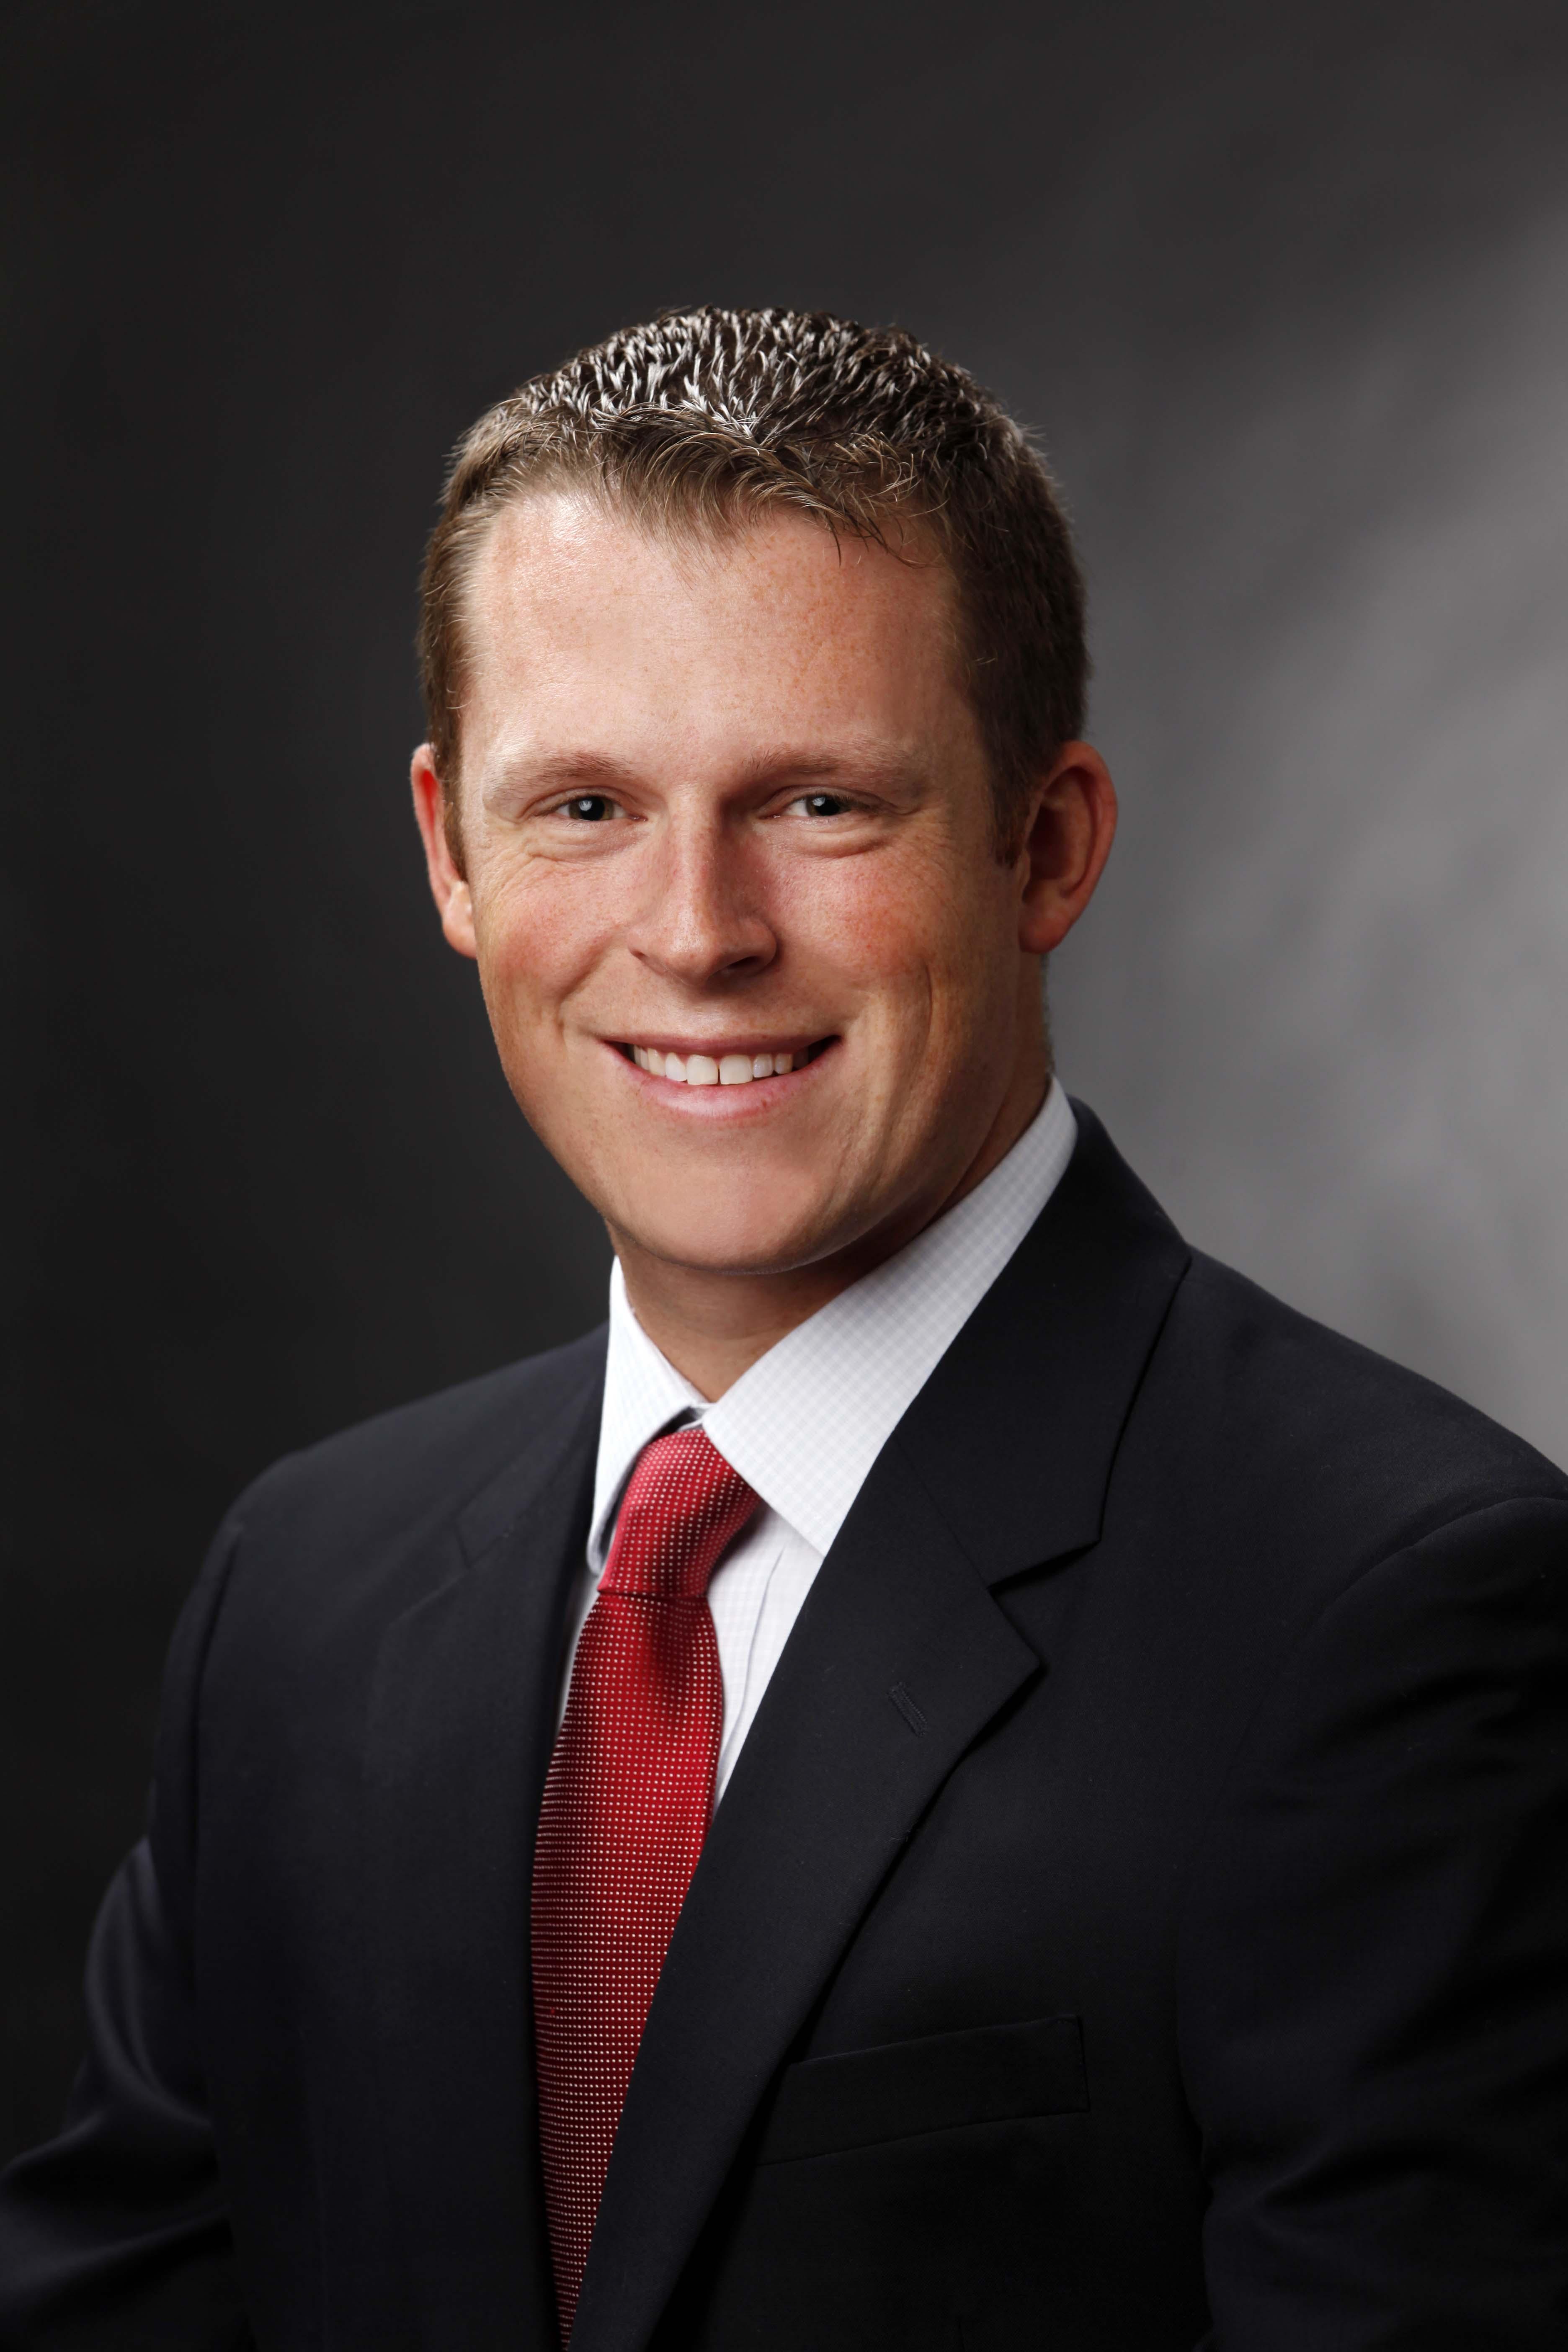 Jason Gaare